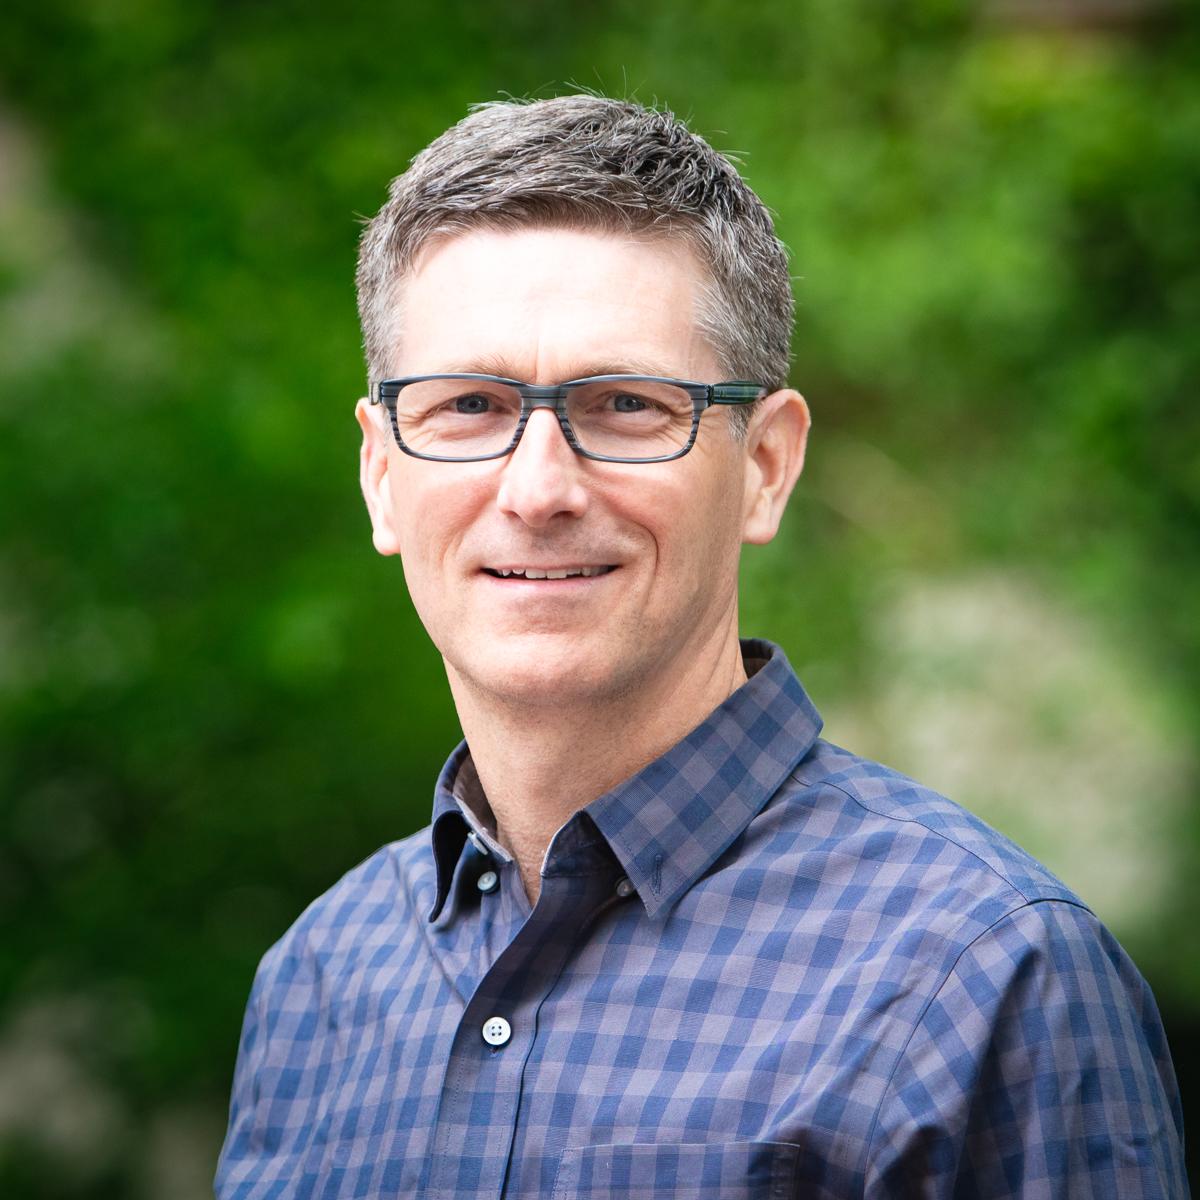 Portrait of Derek Haley